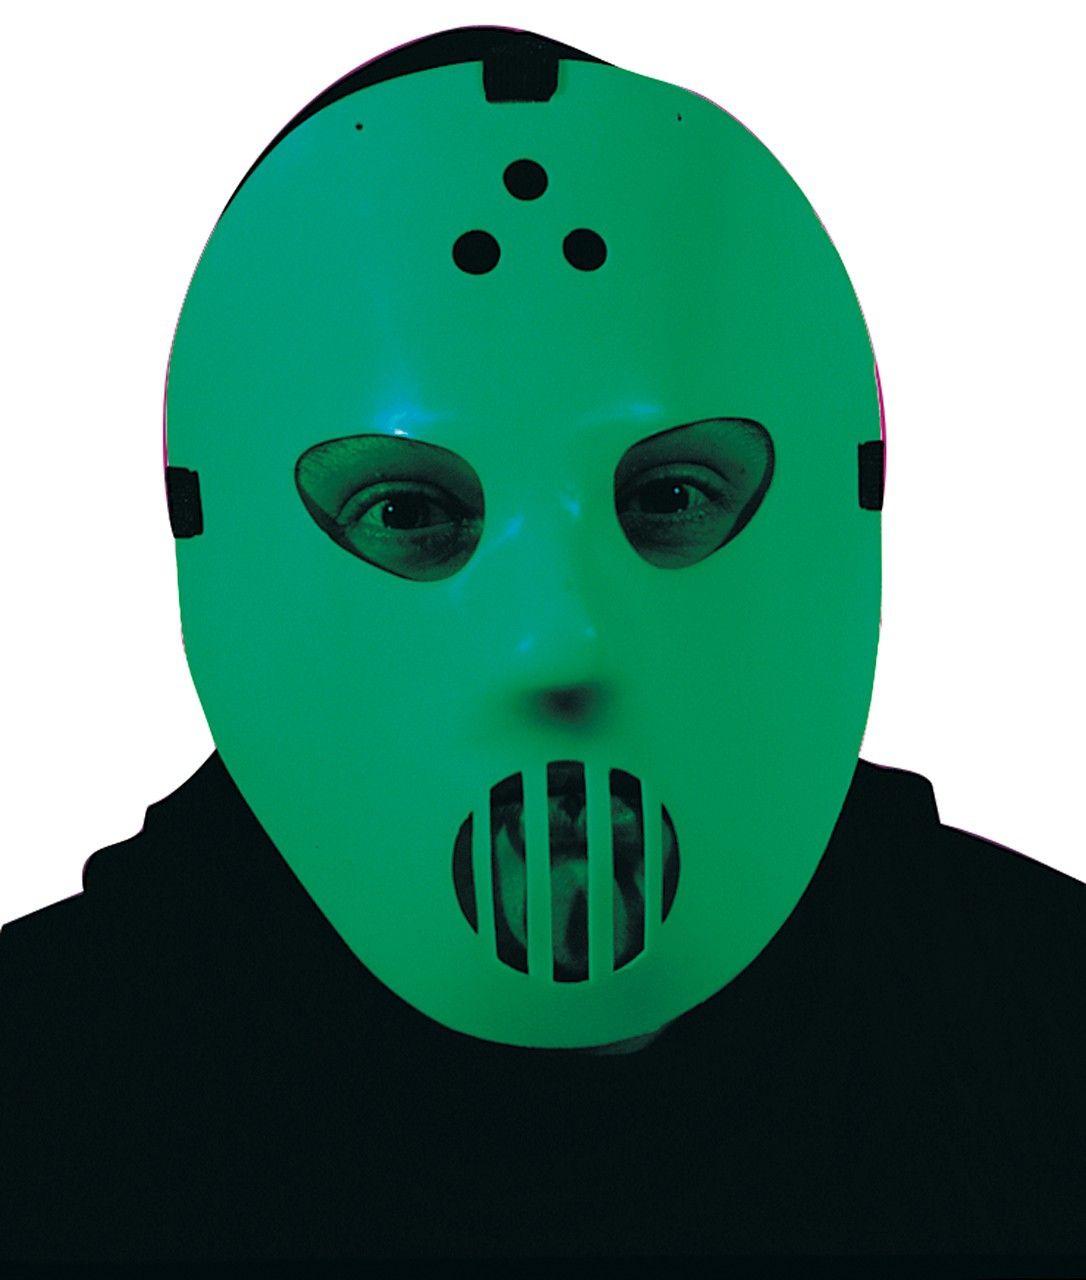 Светящаяся маска для хоккея (UNI) - Аксессуары на Хэллоуин